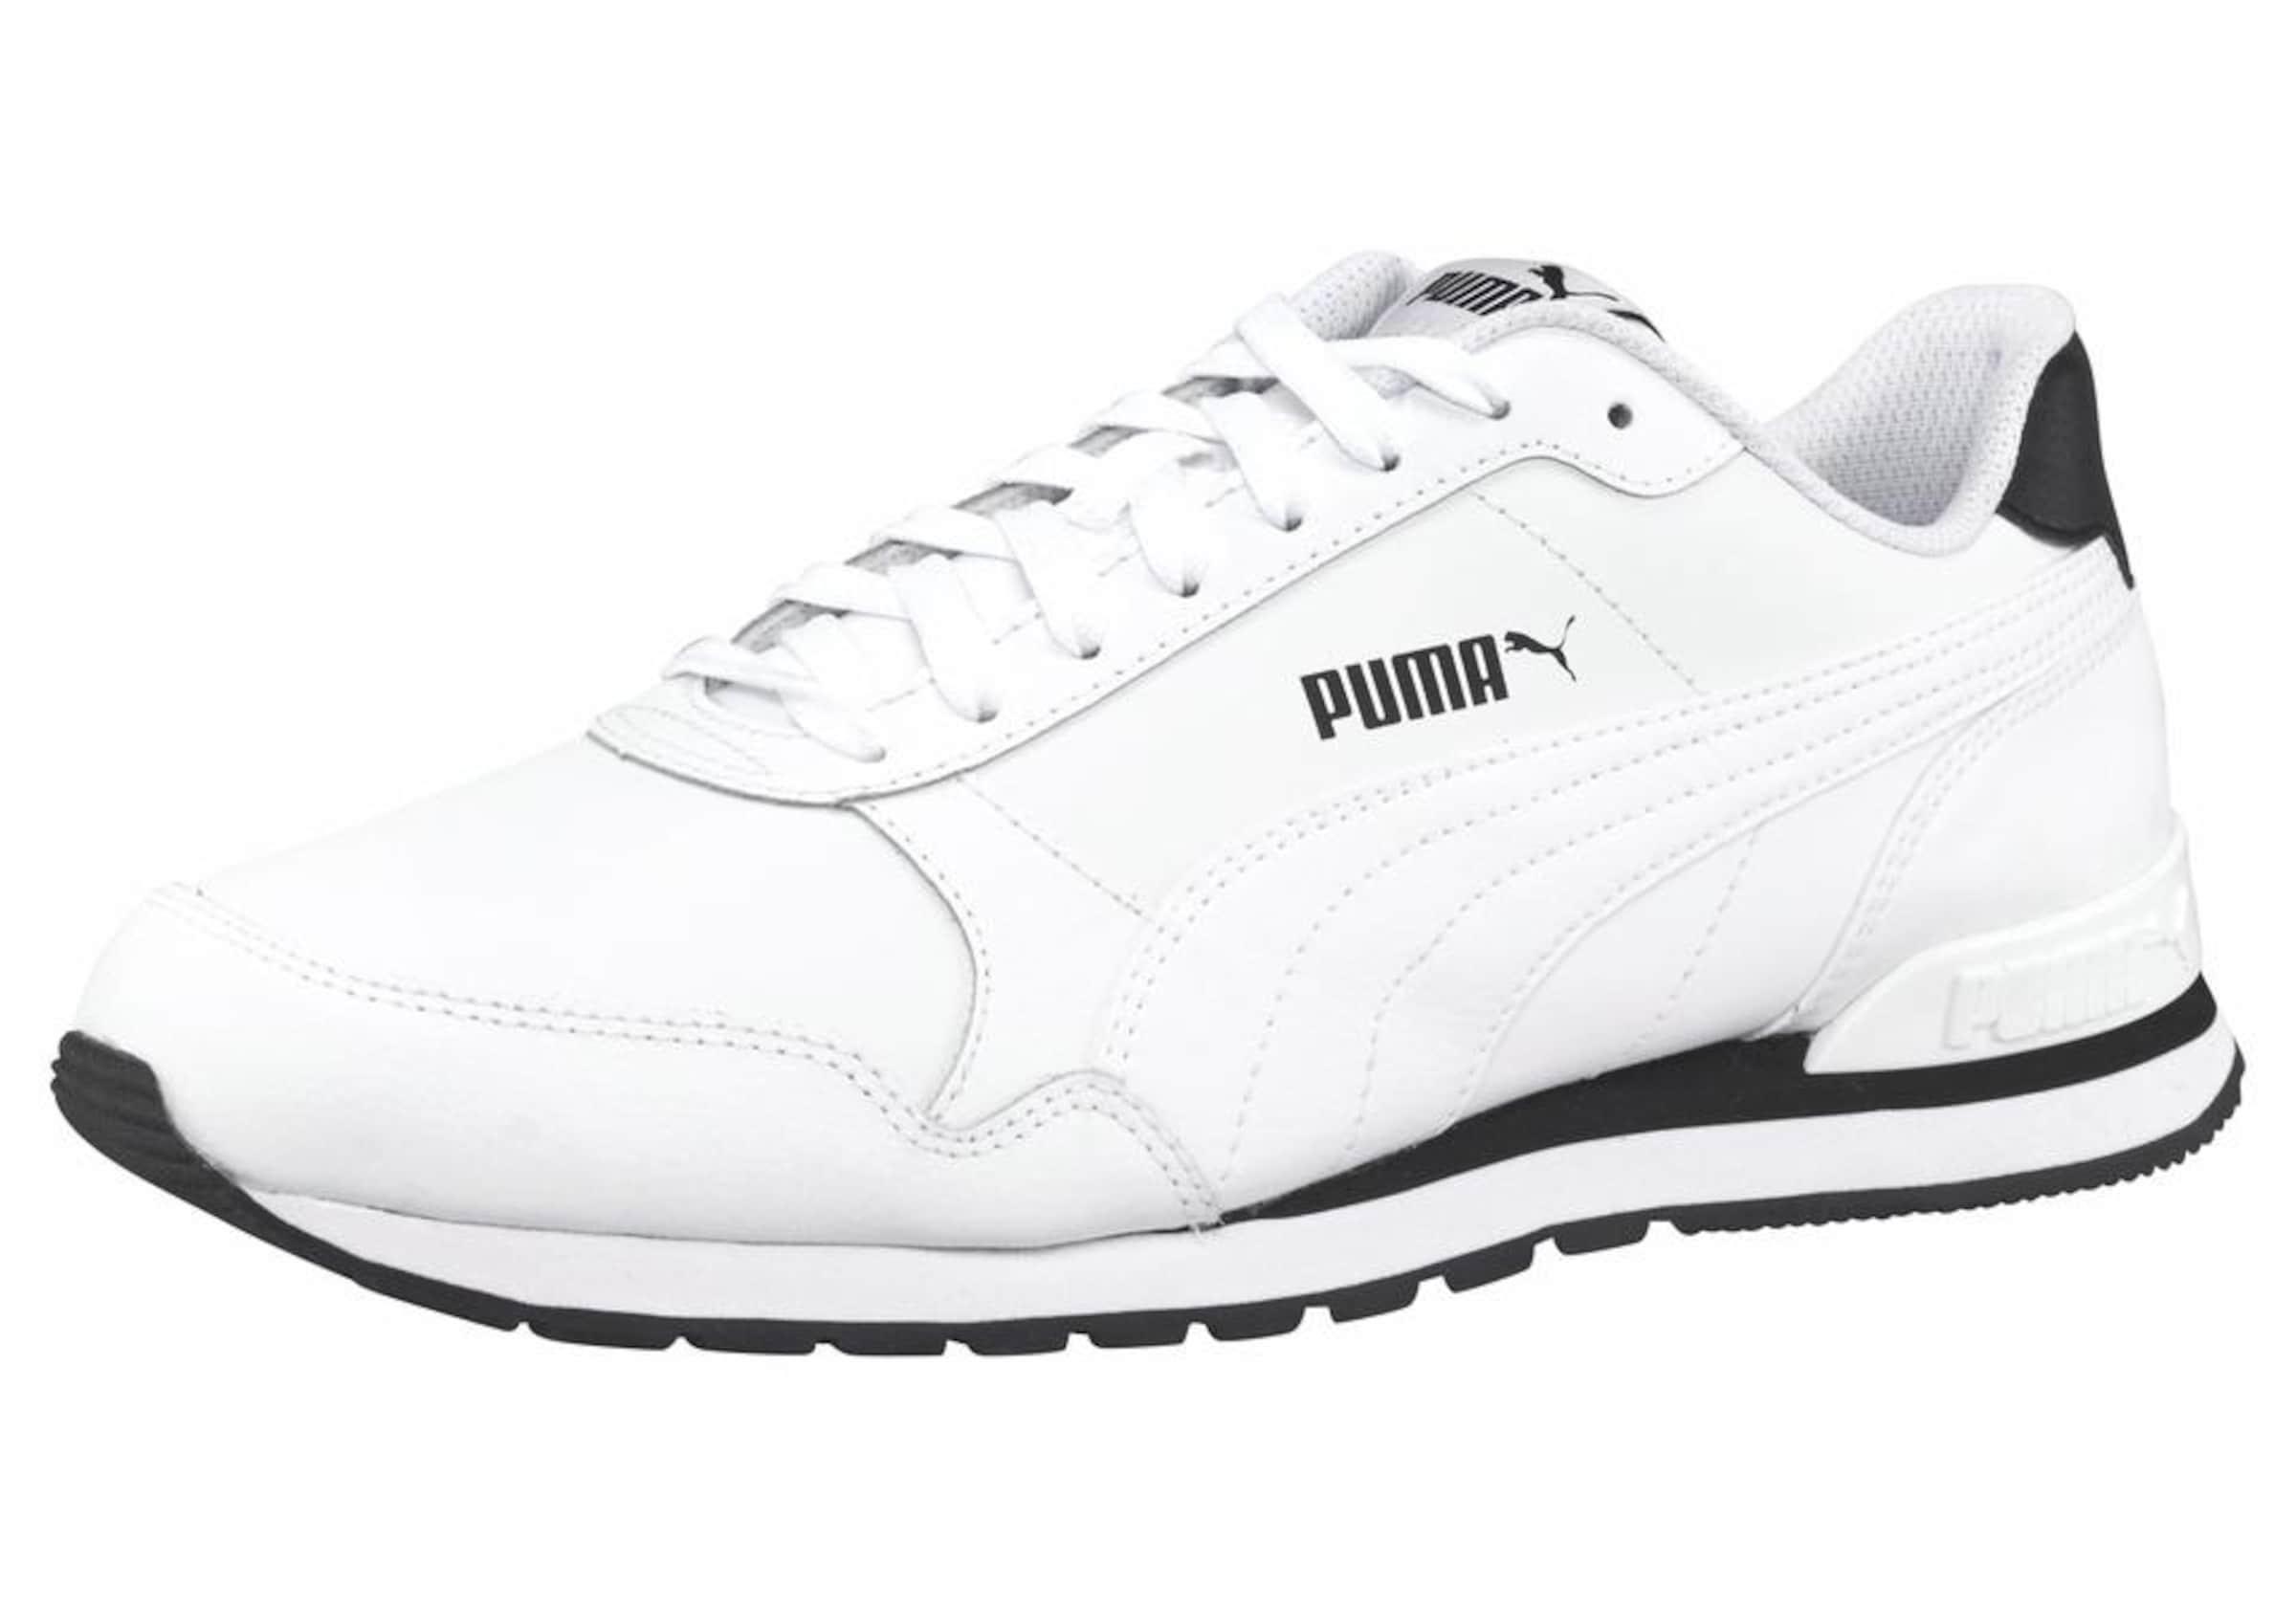 PUMA Sneaker  ST Runner v2 Full Leather